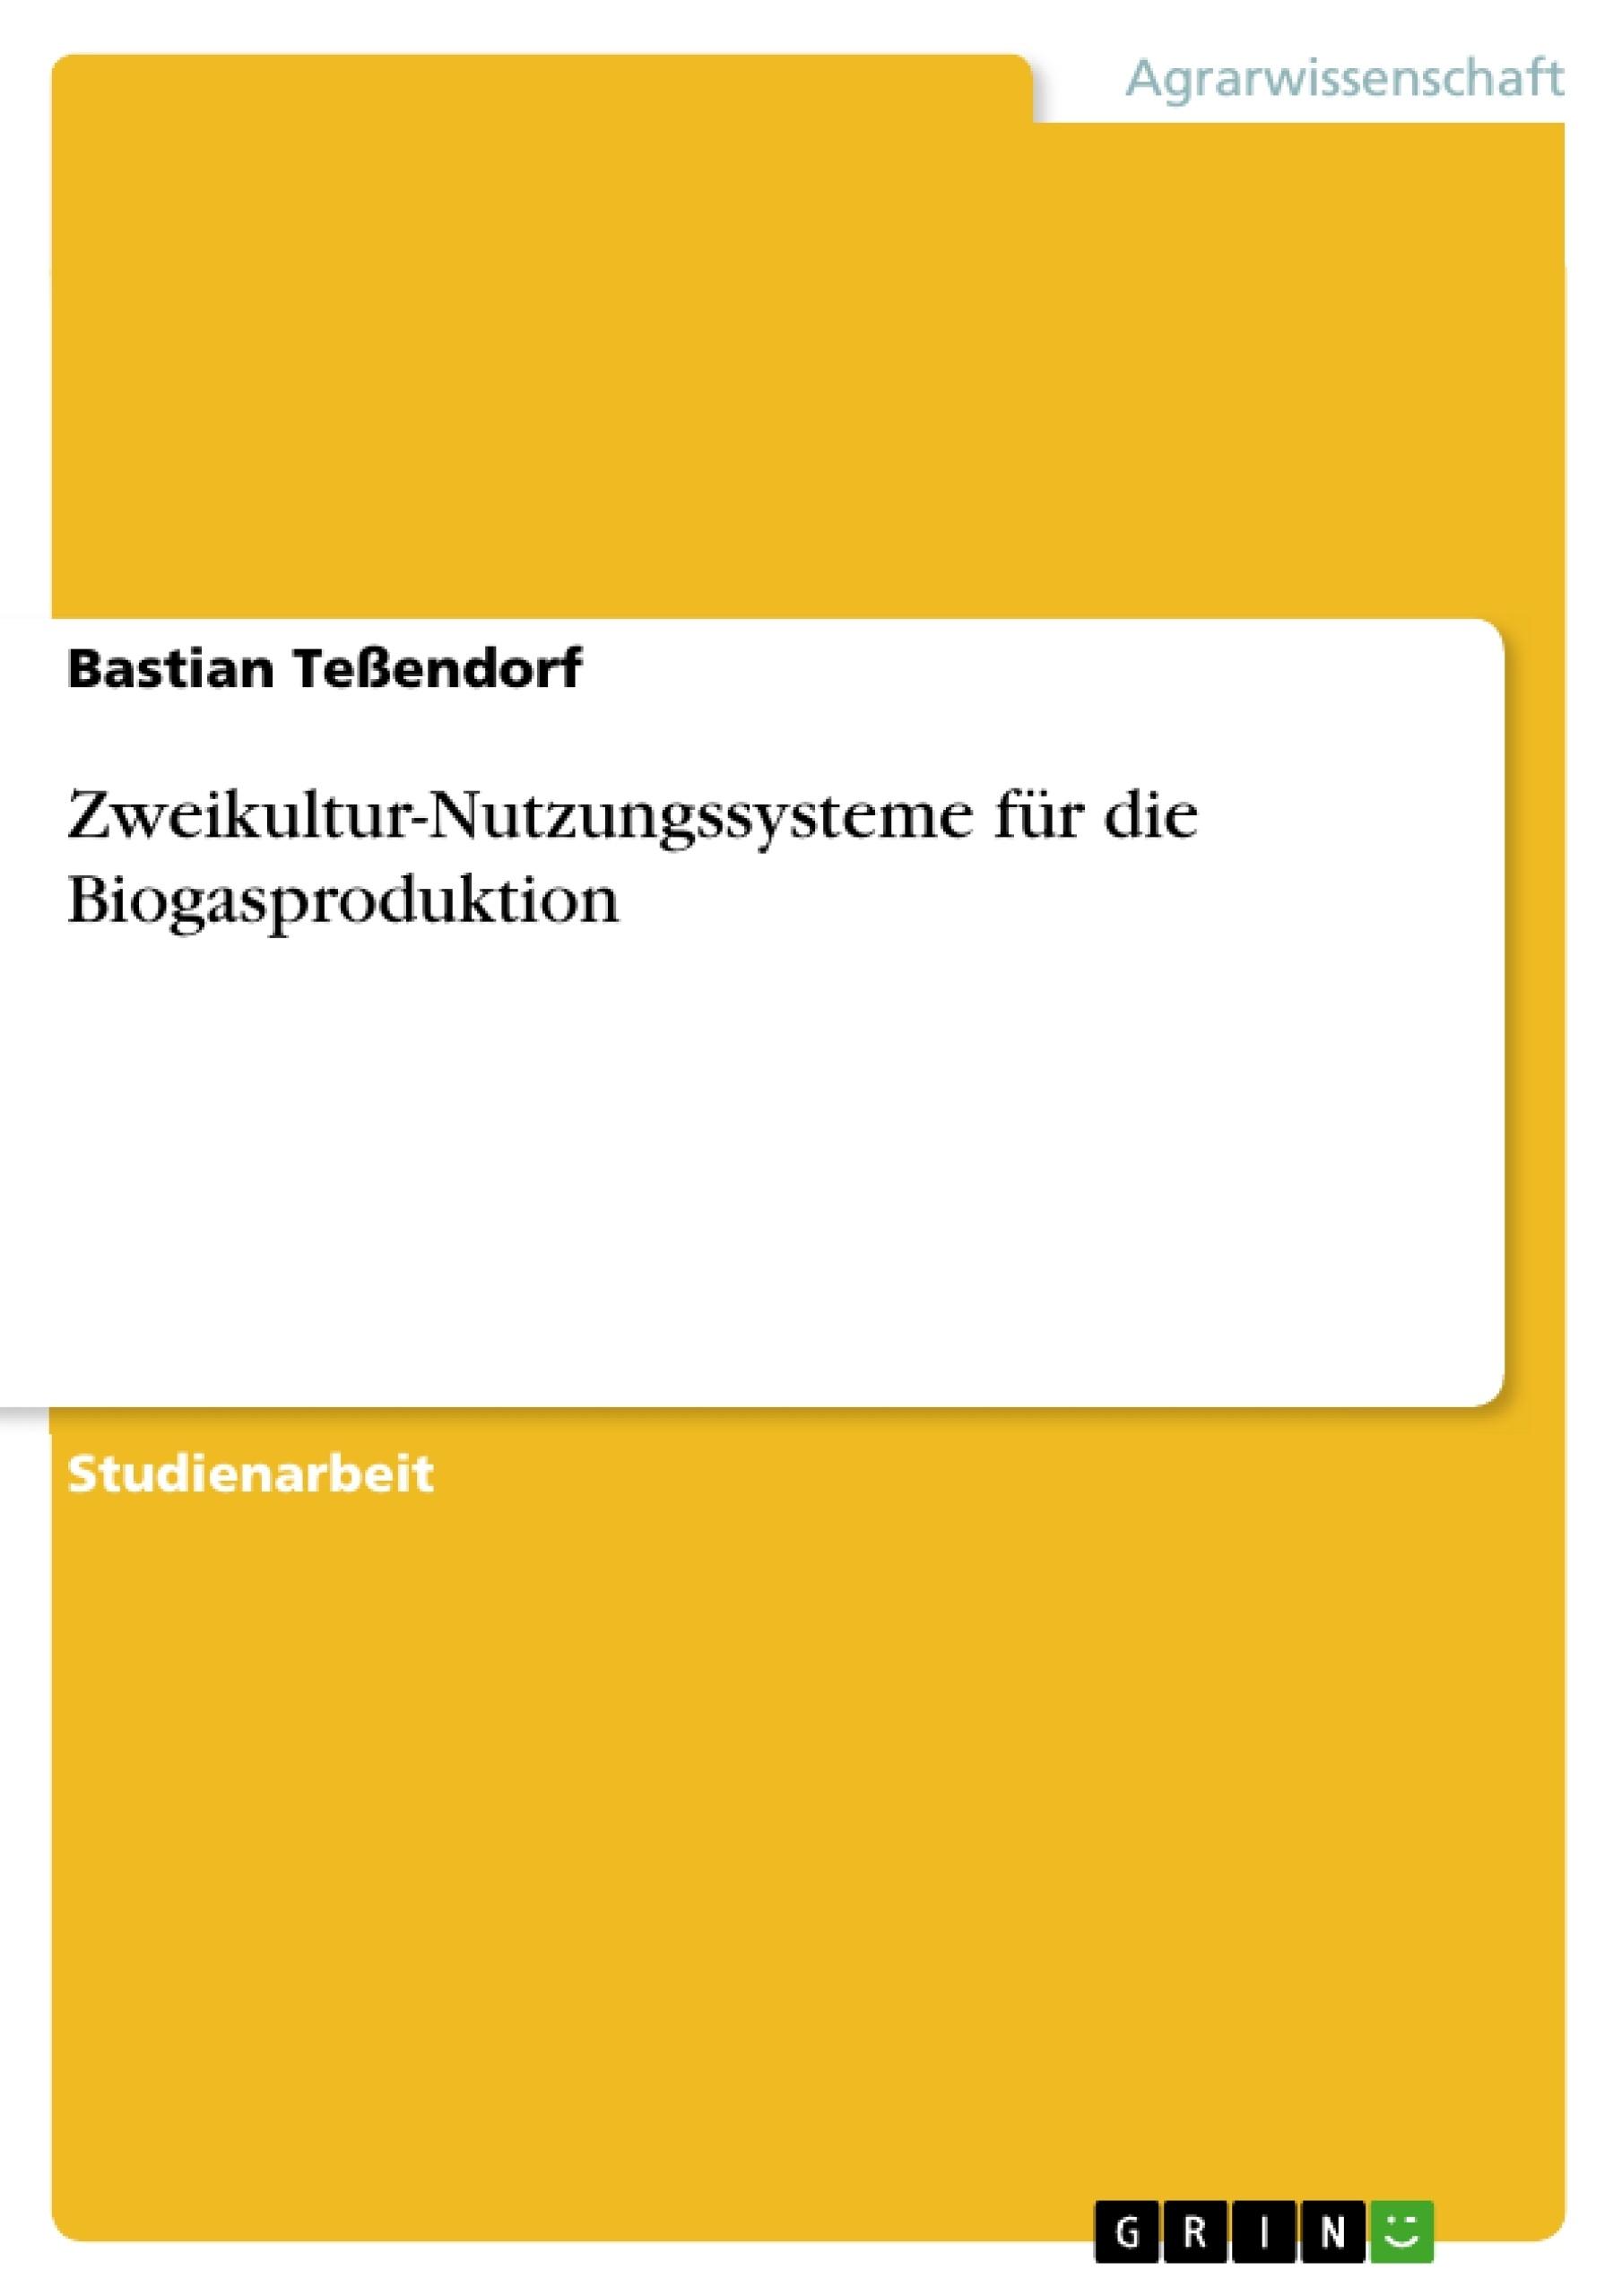 Titel: Zweikultur-Nutzungssysteme für die Biogasproduktion